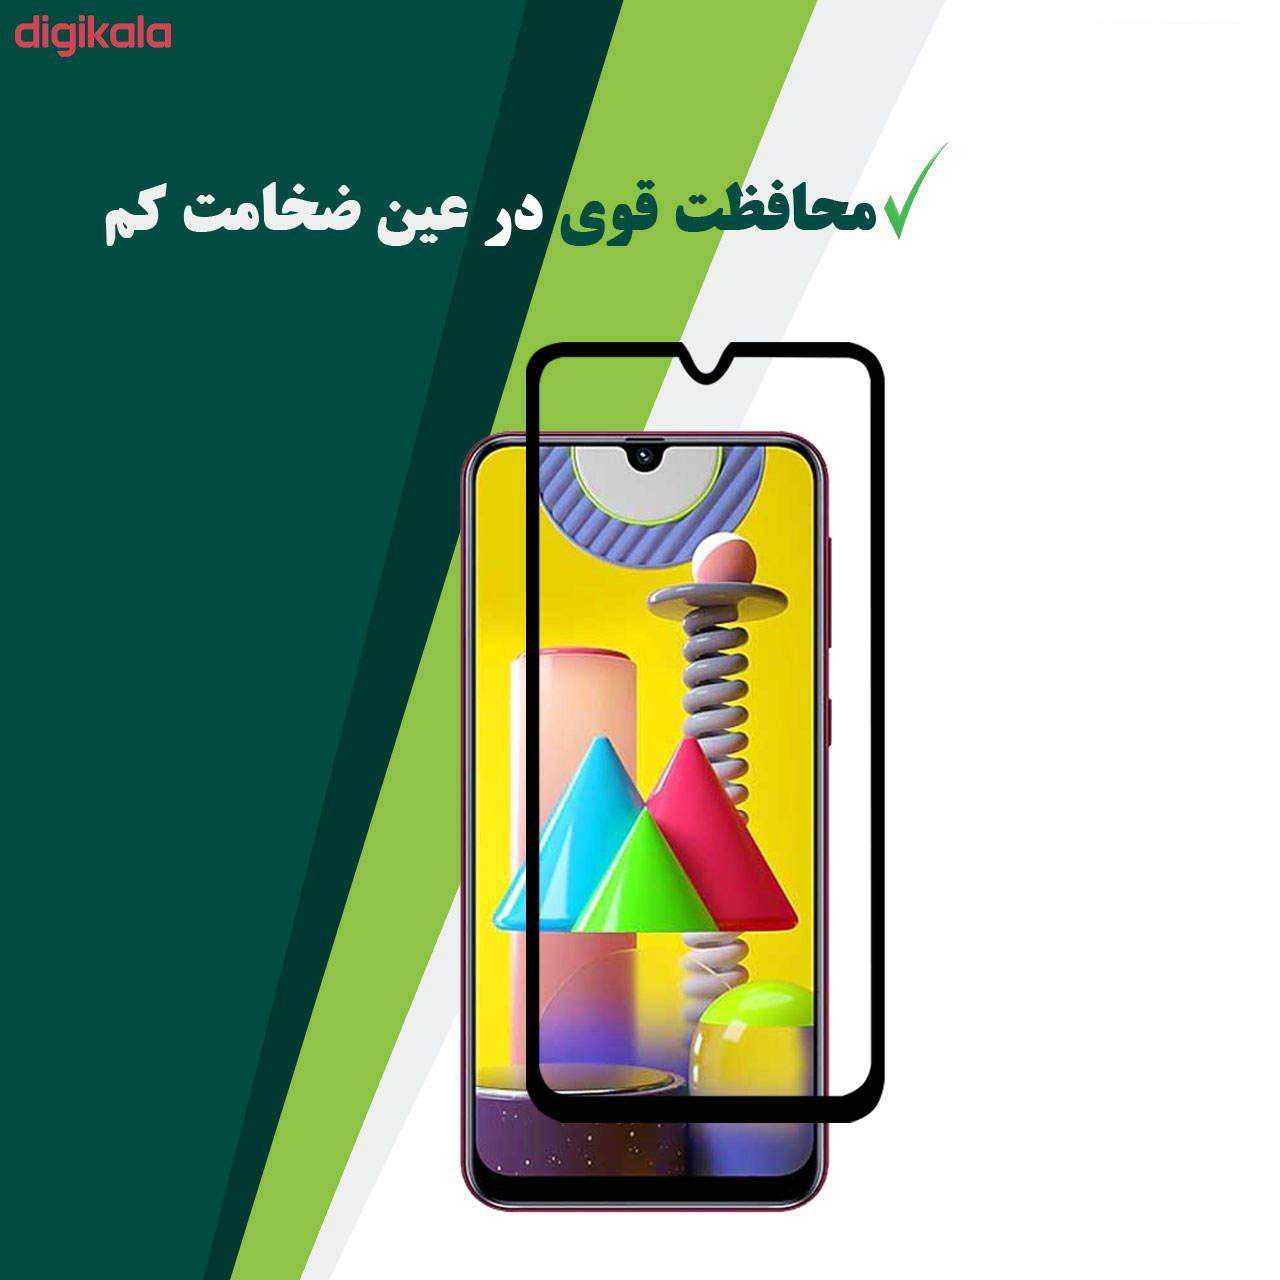 محافظ صفحه نمایش فوکس مدل PT001 مناسب برای گوشی موبایل سامسونگ Galaxy M31 main 1 6